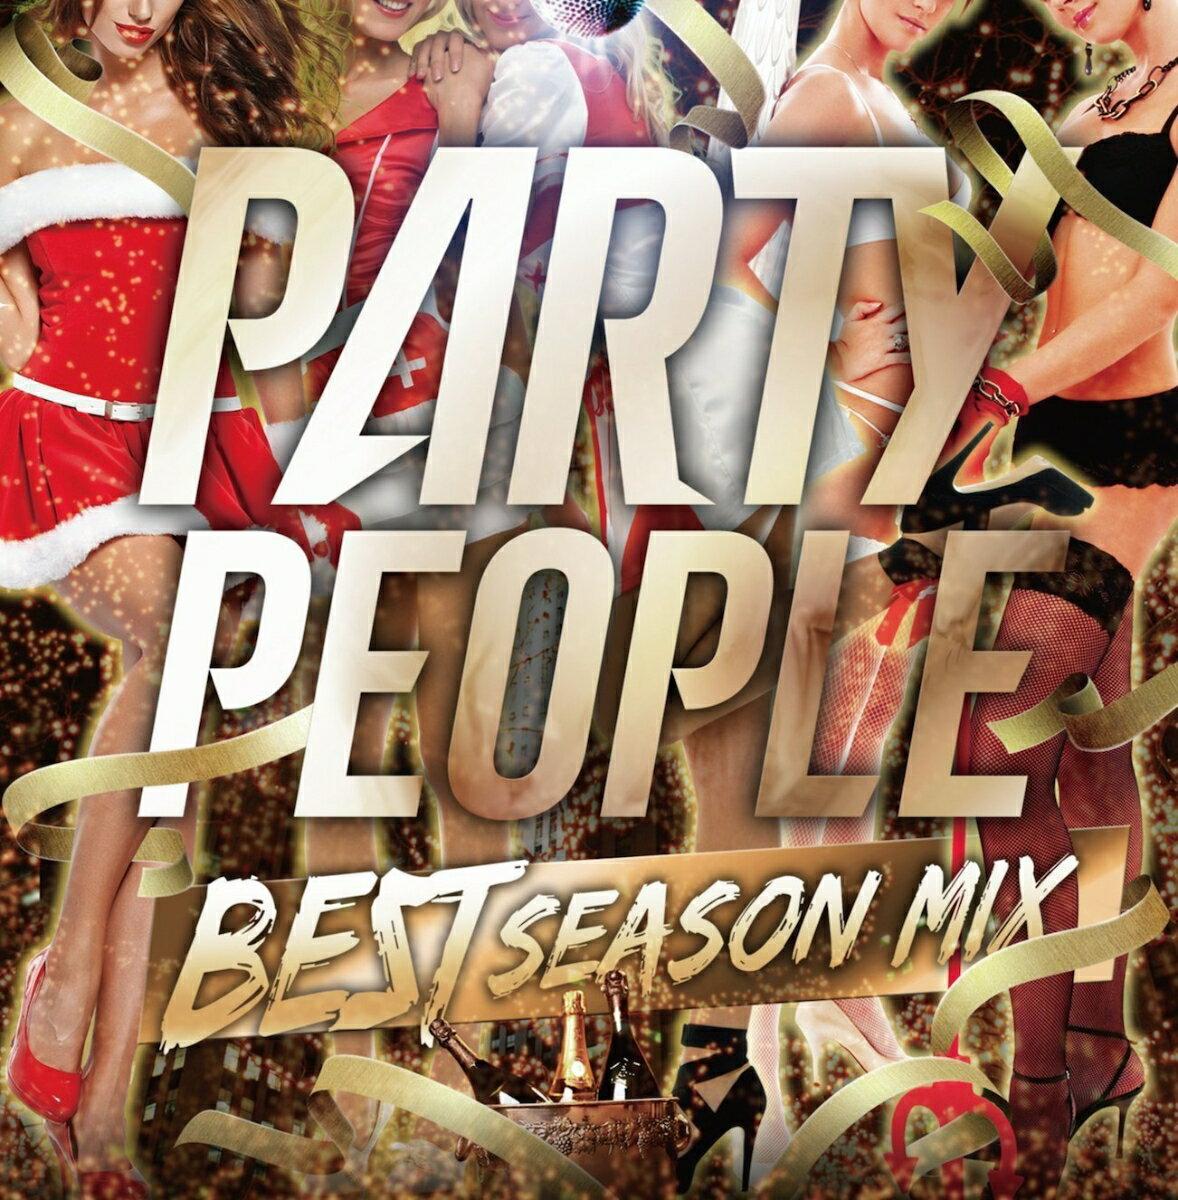 PARTY PEOPLE -BEST SEASON MIX- mixed by DJ KAZ [ DJ KAZ ]